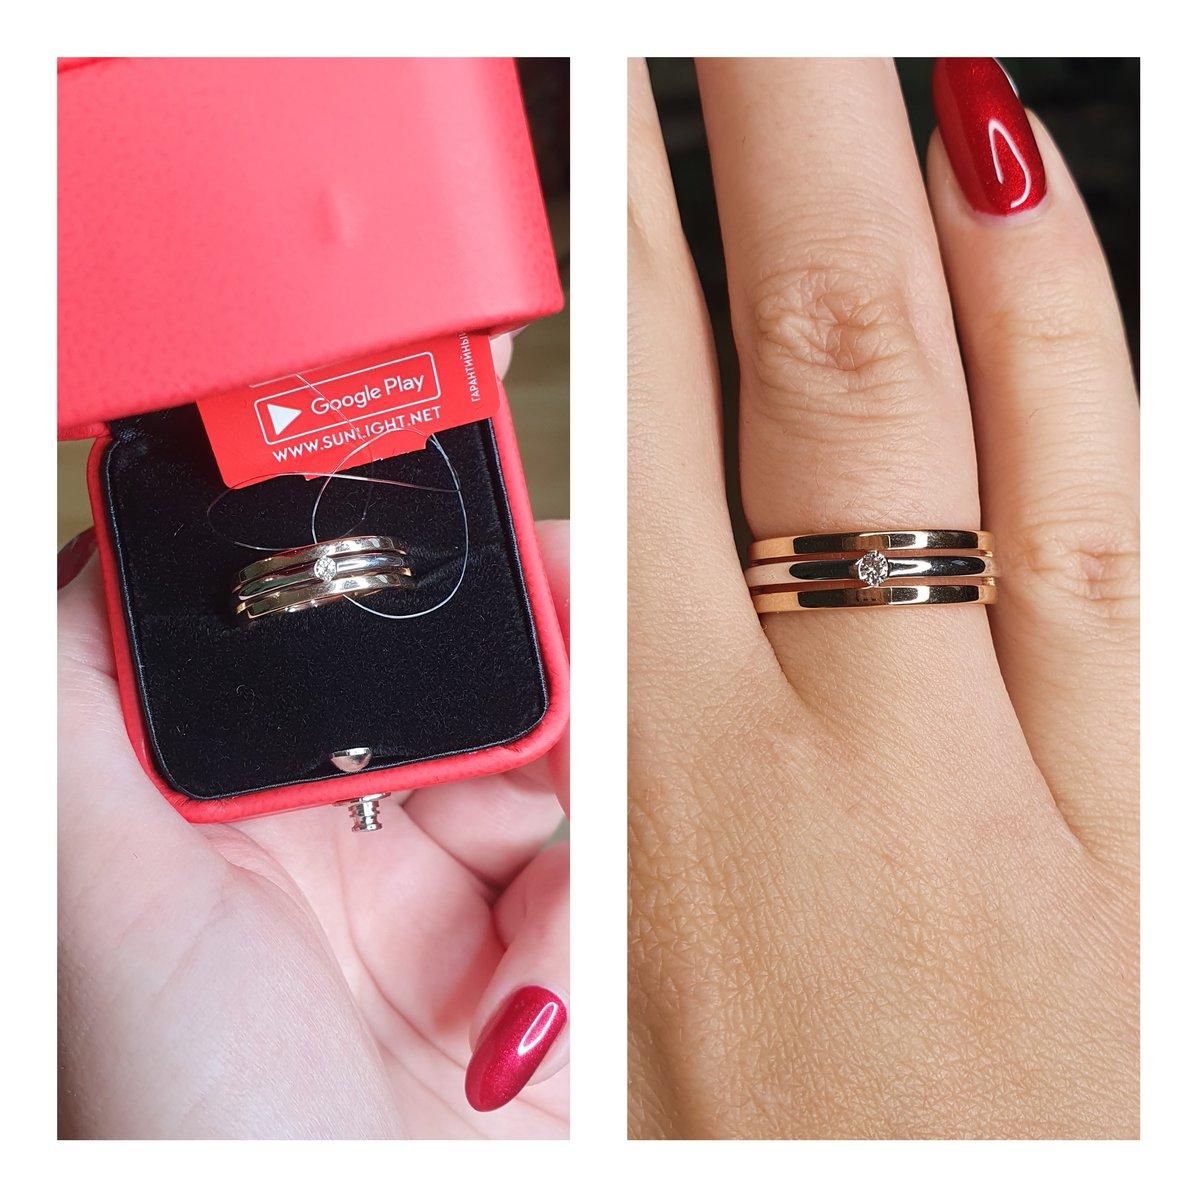 Выбрала это кольцо т.к в нем максимум минимализма и при этом оно шикарное.